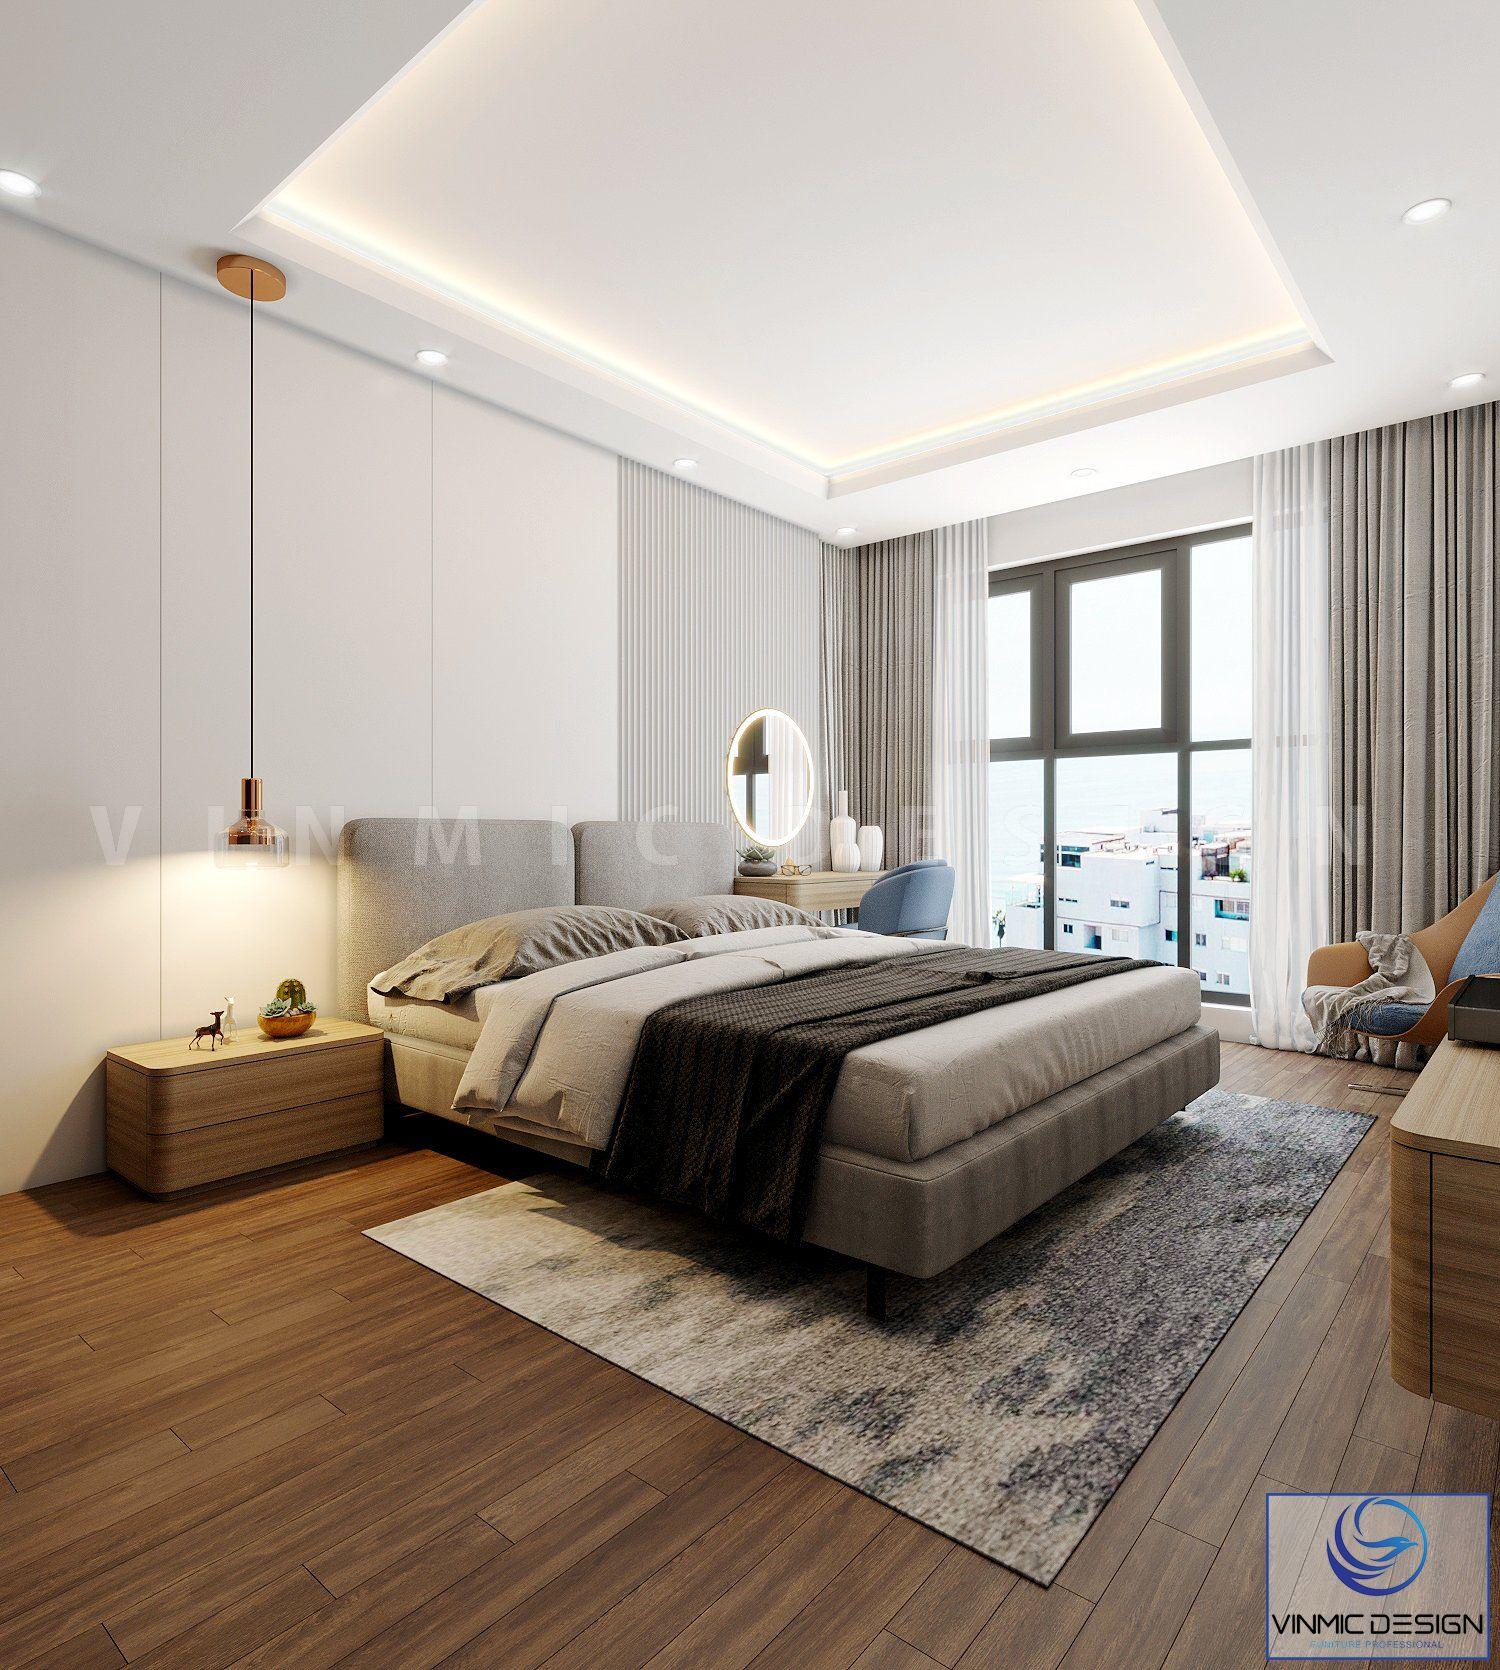 Thiết kế nội thất phòng ngủ nổi bật với bộ giường nỉ cao cấp